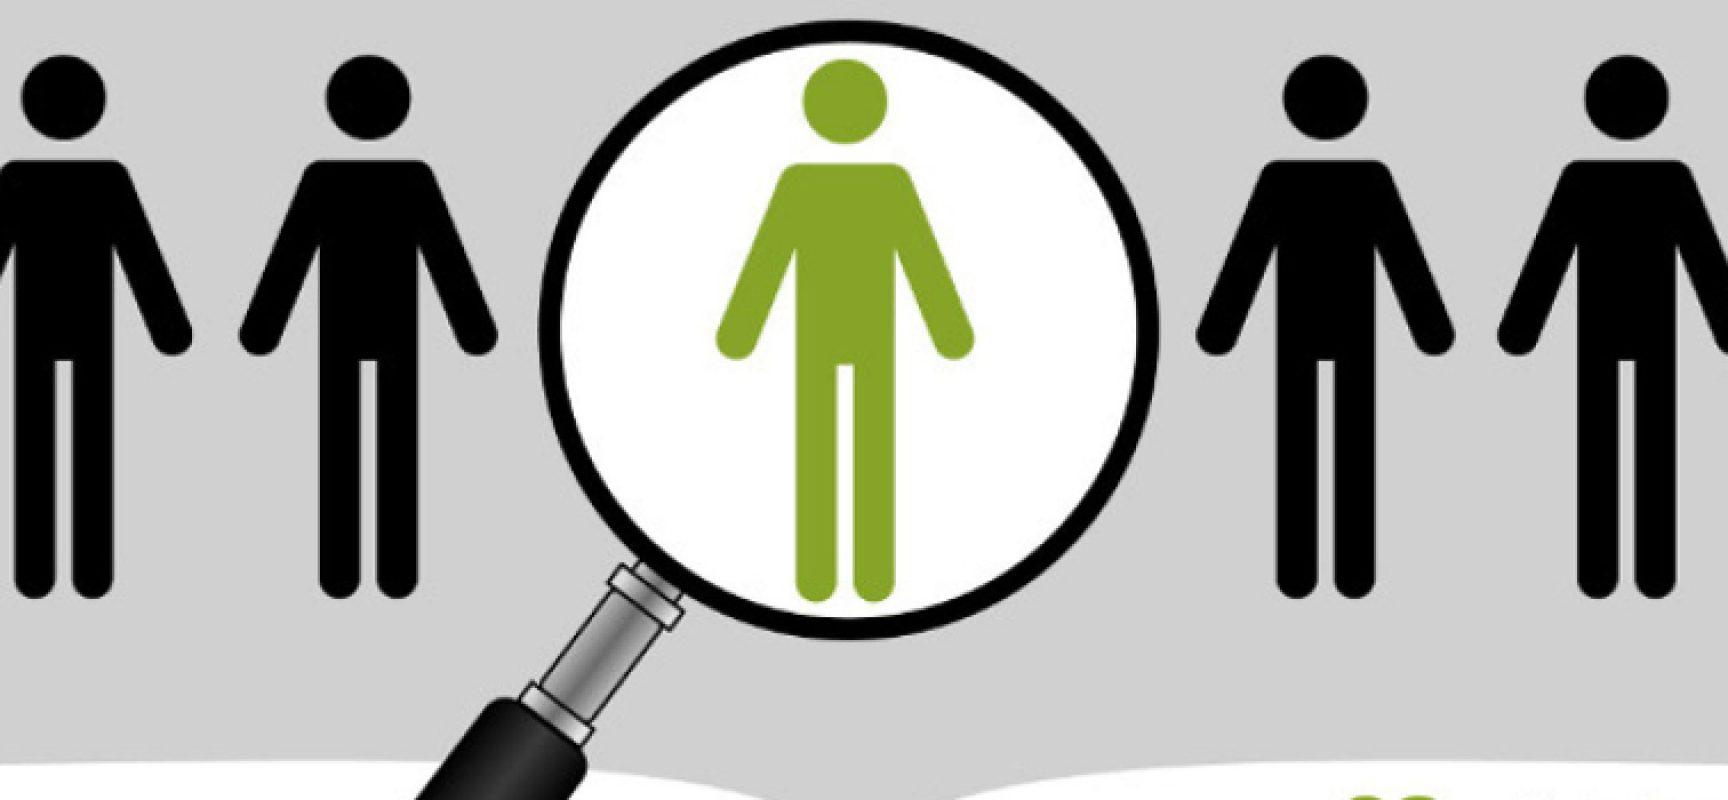 Ambiente 2.0, riapertura bando per la ricerca di personale / DETTAGLI